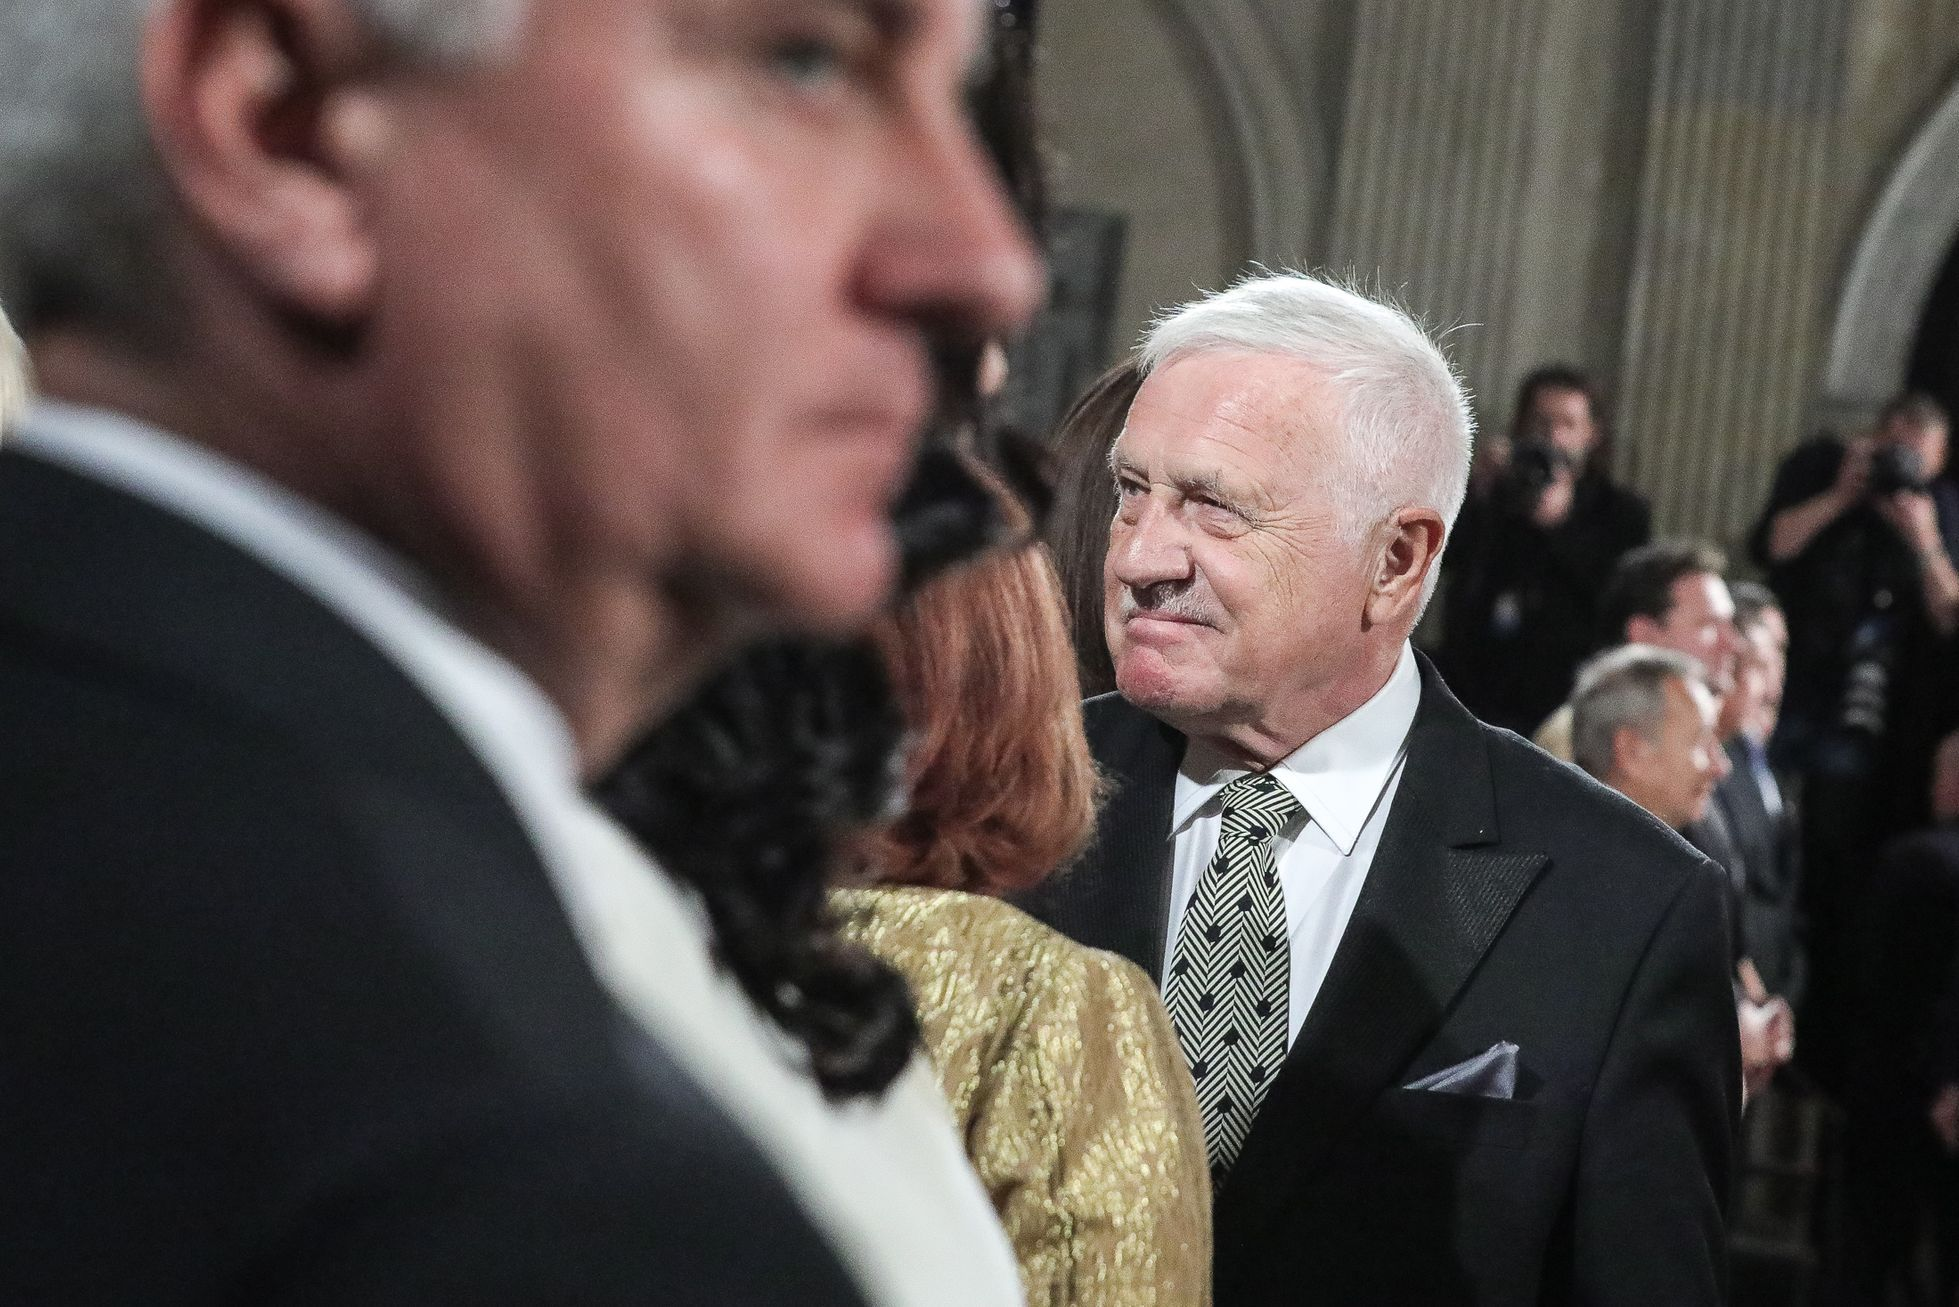 Stejně tak se usmíval Václav Klaus, který jako exprezident zaujal místo v první řadě.